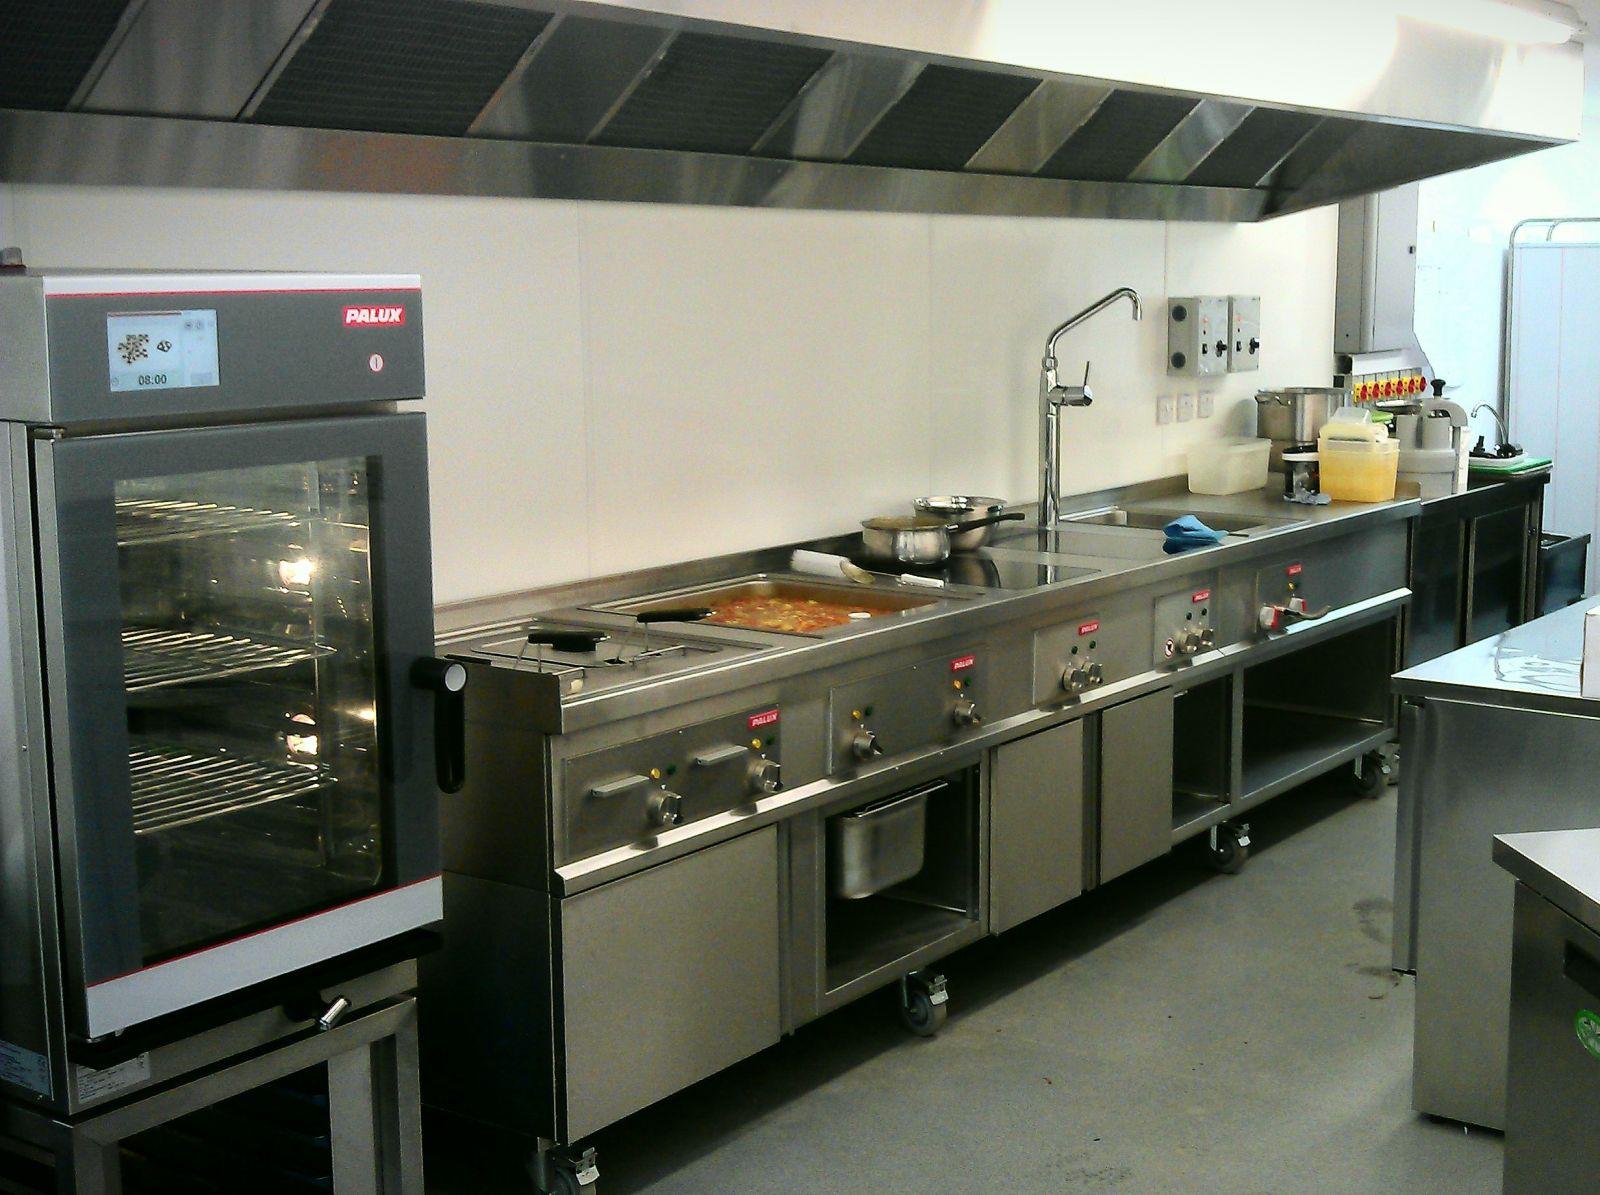 Nội quy an toàn của bếp nhà hàng công nghiệp